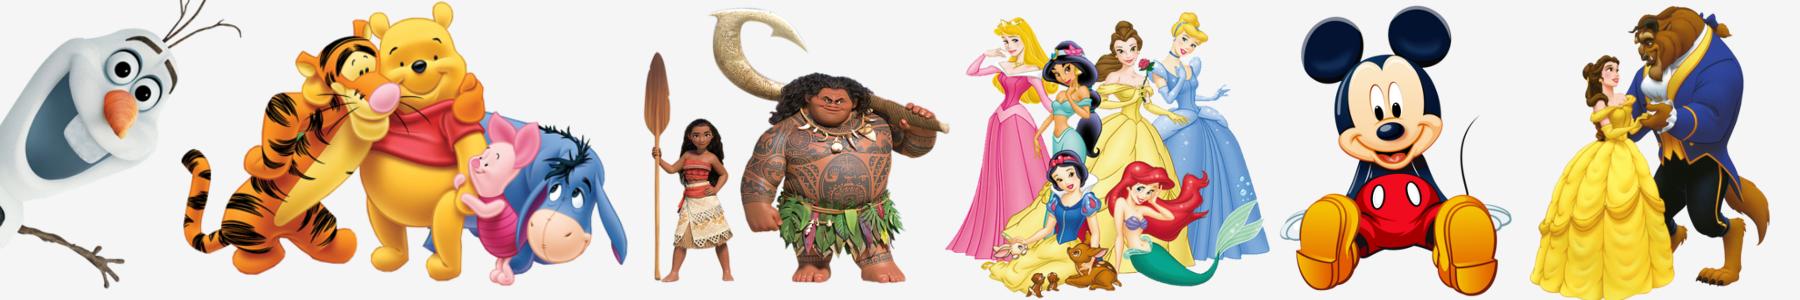 Articole de petrecere - seturi party Disney - Endless Com Srl